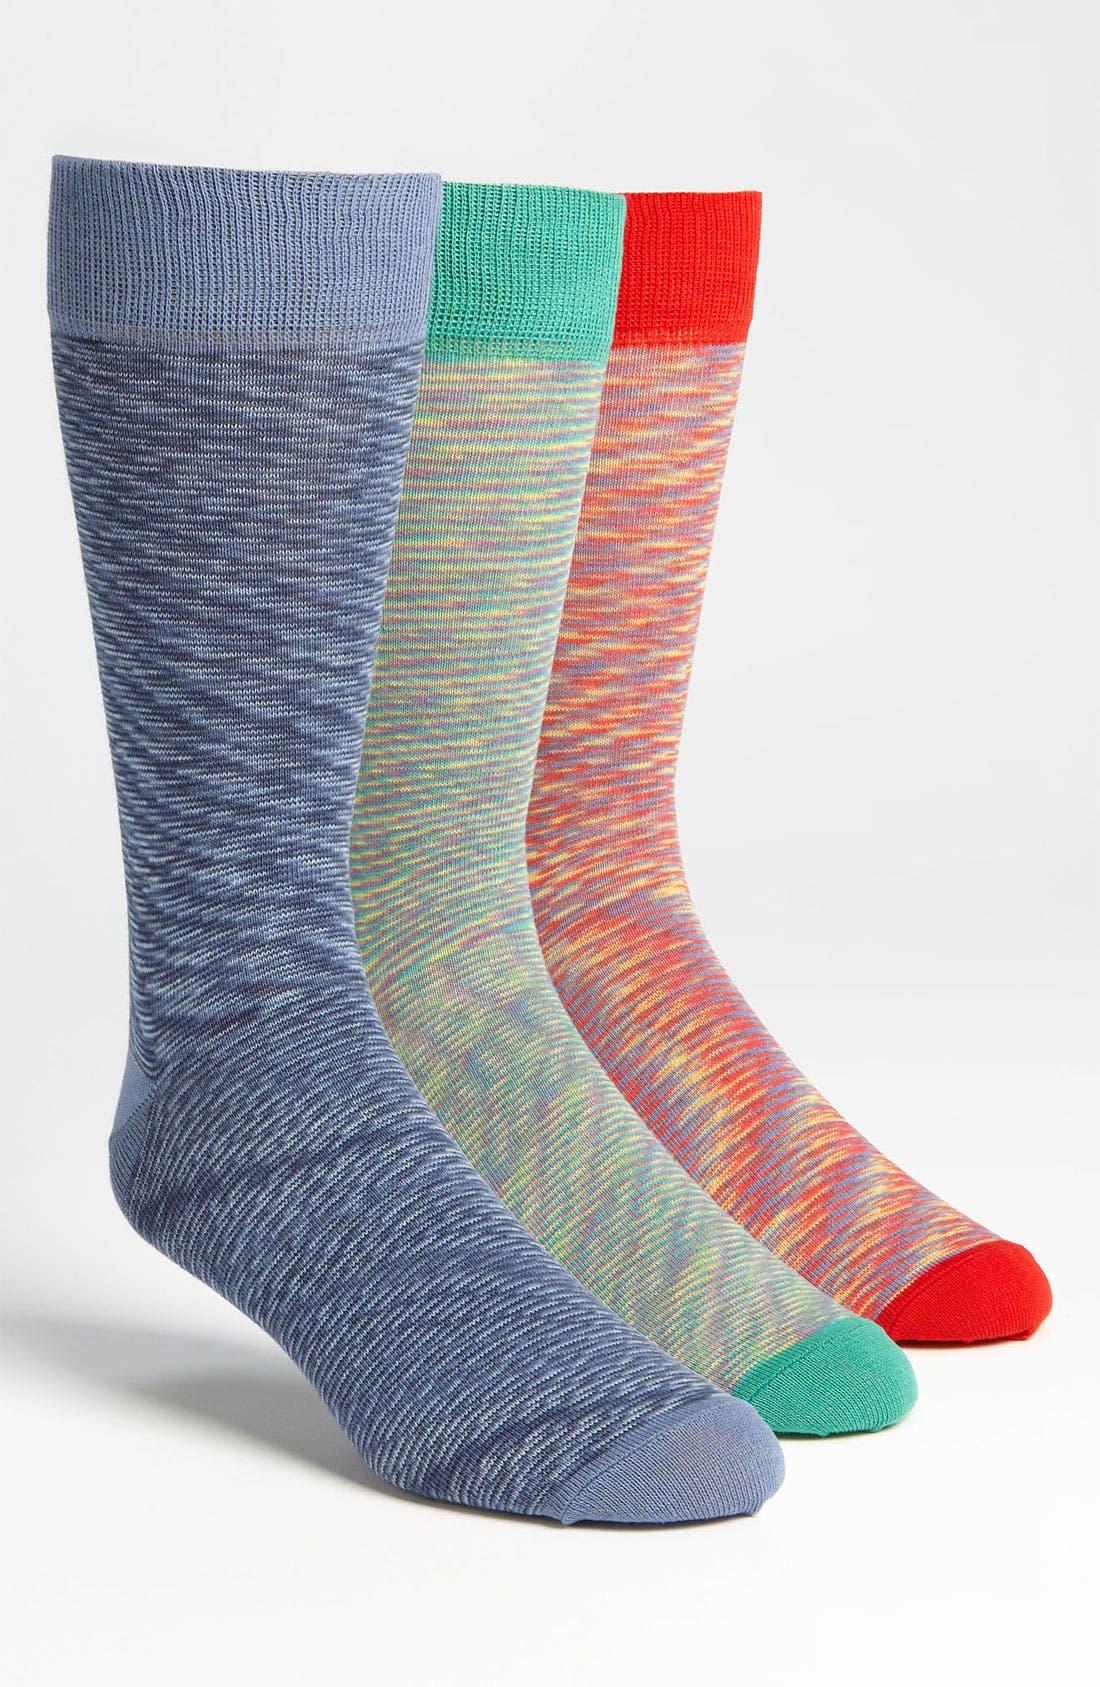 Alternate Image 1 Selected - Topman 'Summer Space' Socks (3-Pack)